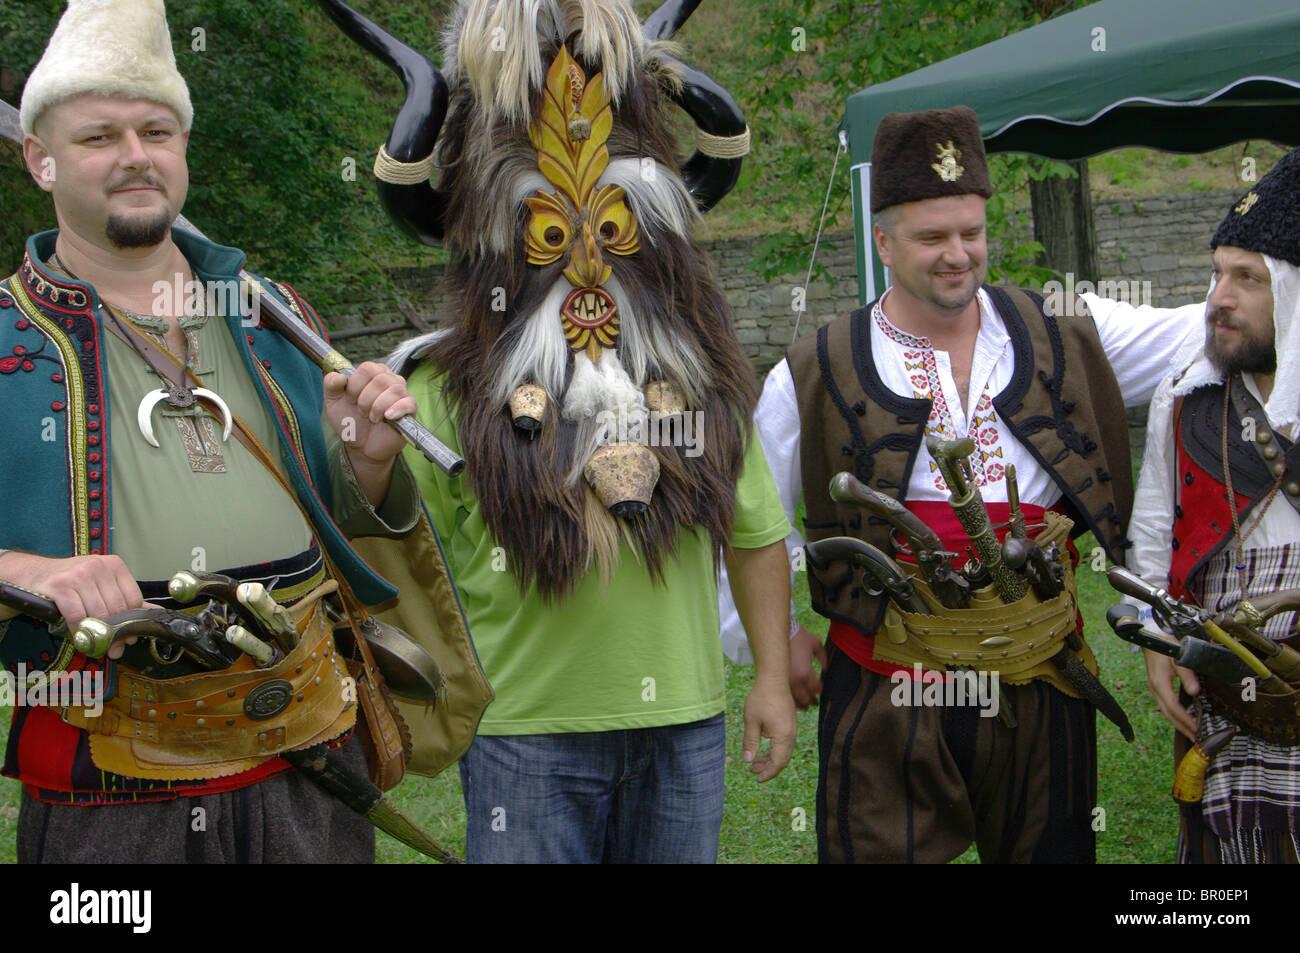 Mann mit Waffen und Kleidung vom 17. / 18. Jahrhundert in Bulgarien Stockbild